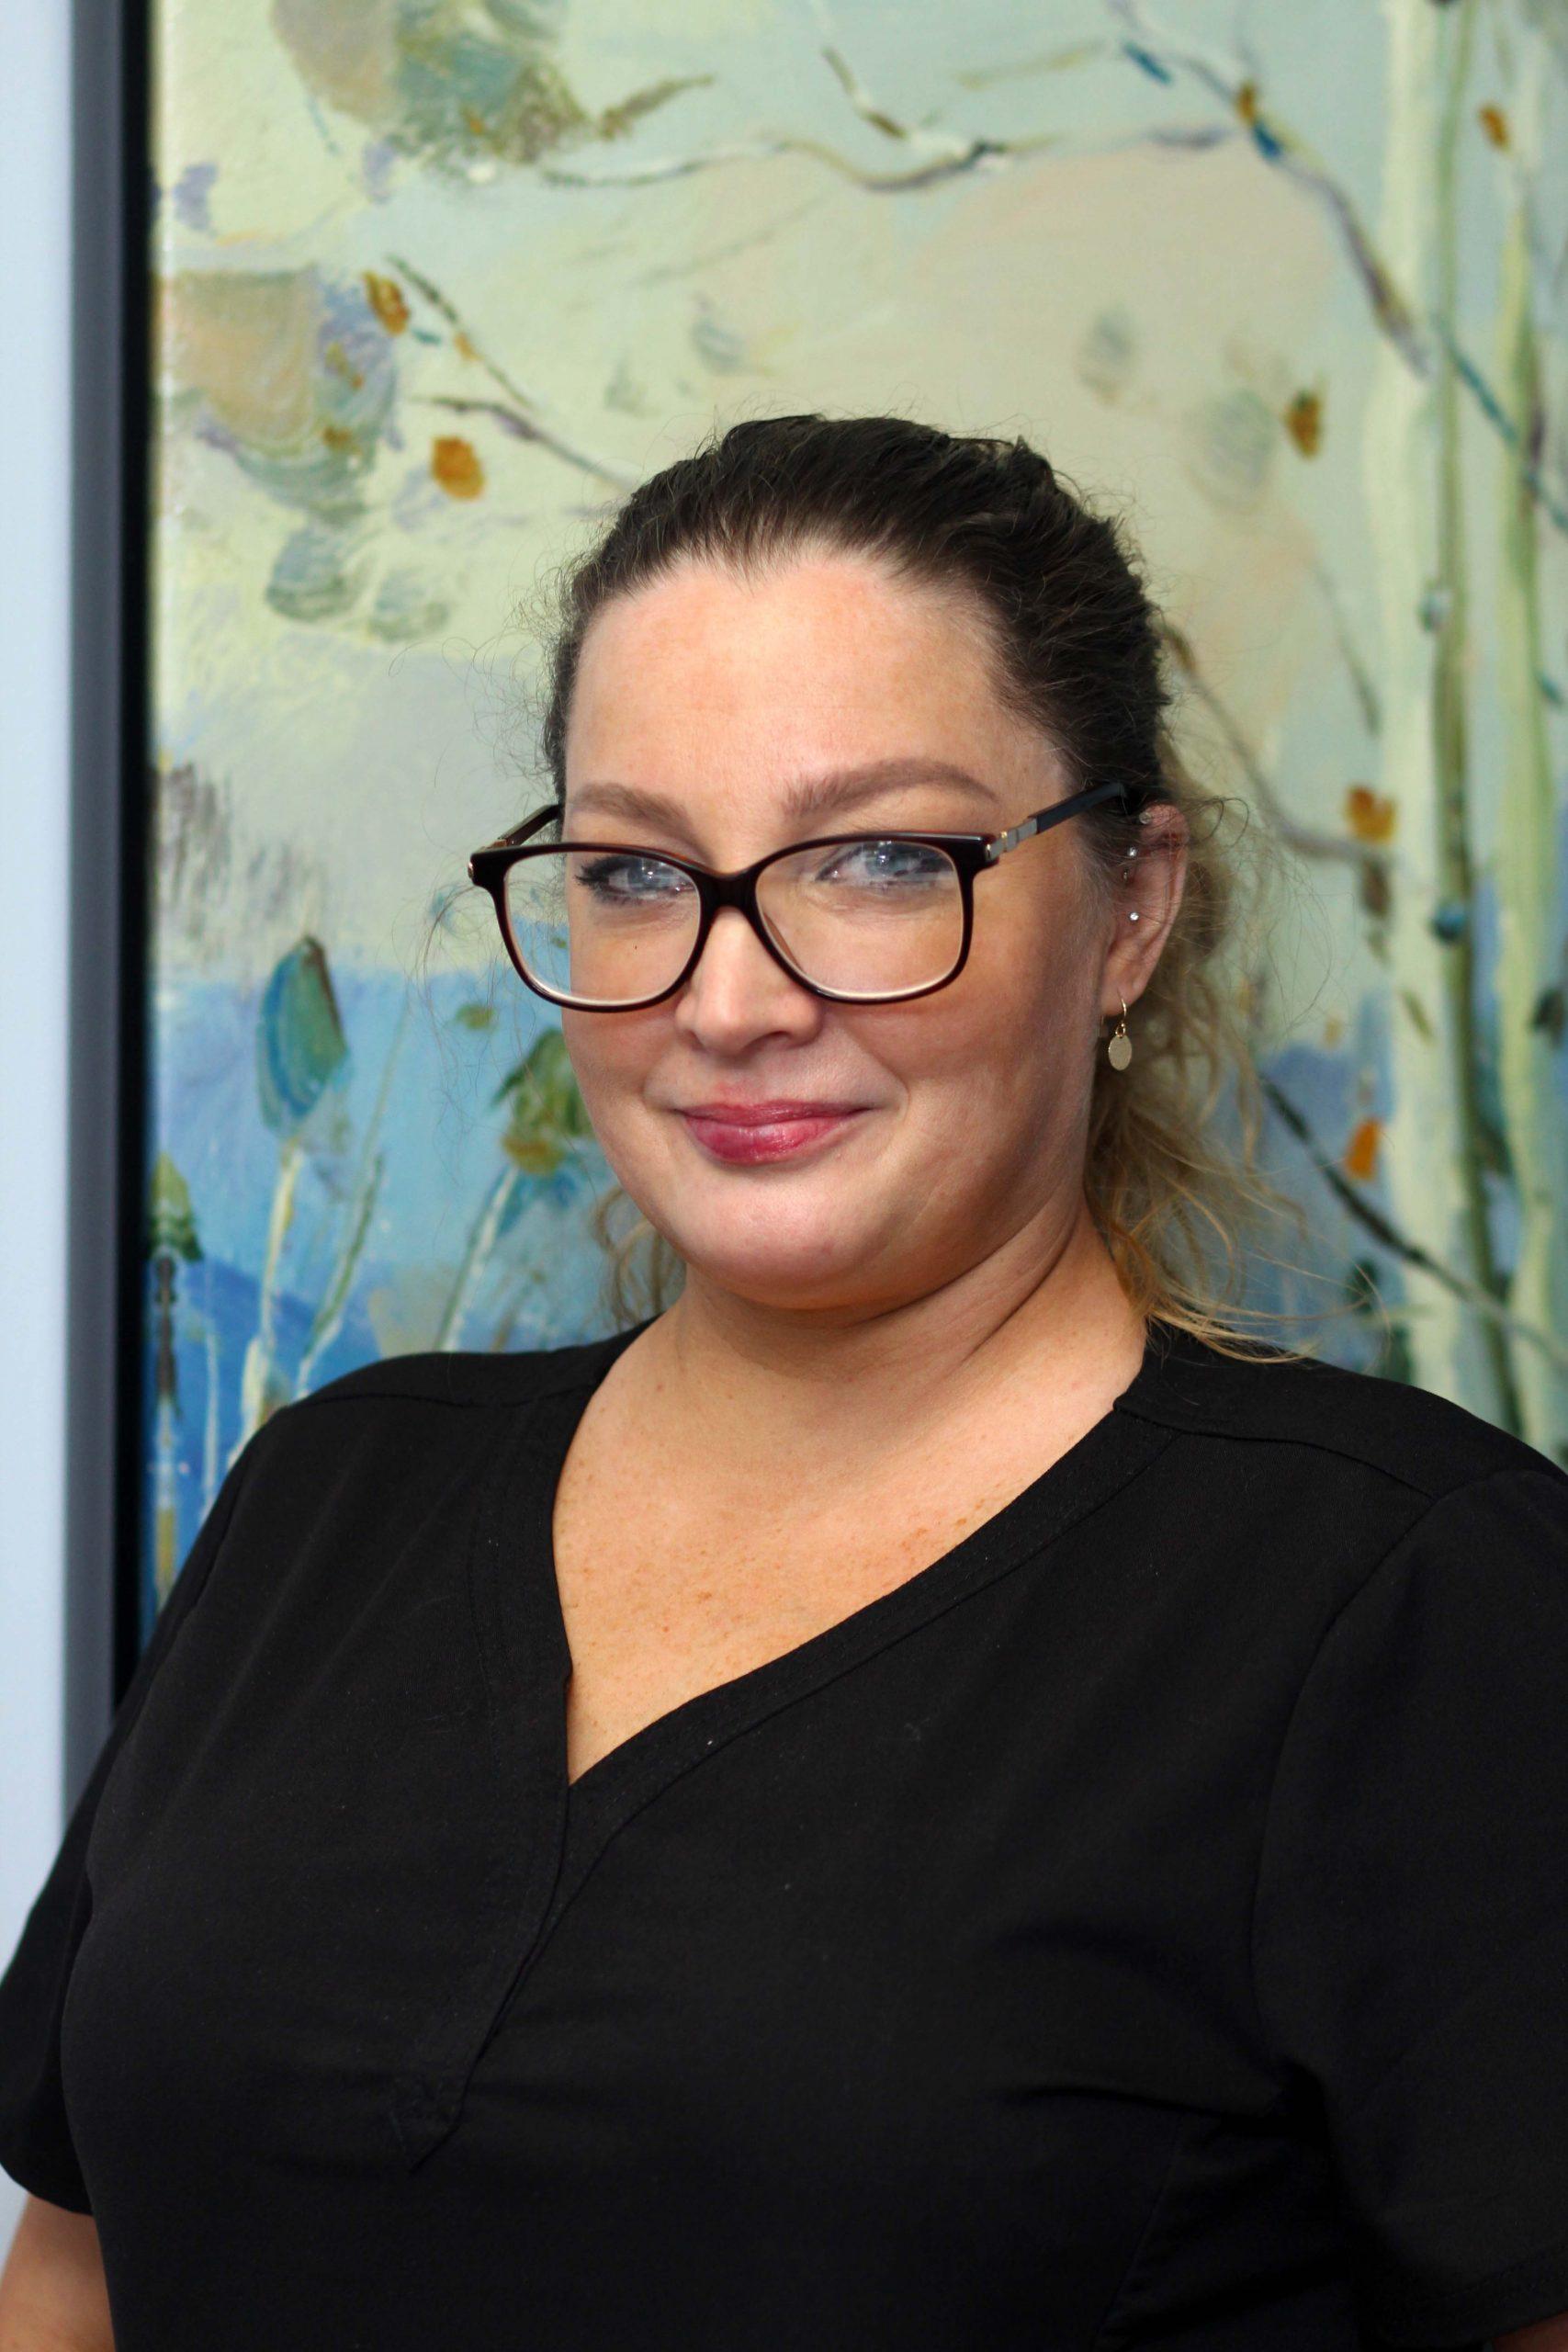 Cathy, CDA - Edgewood Dental